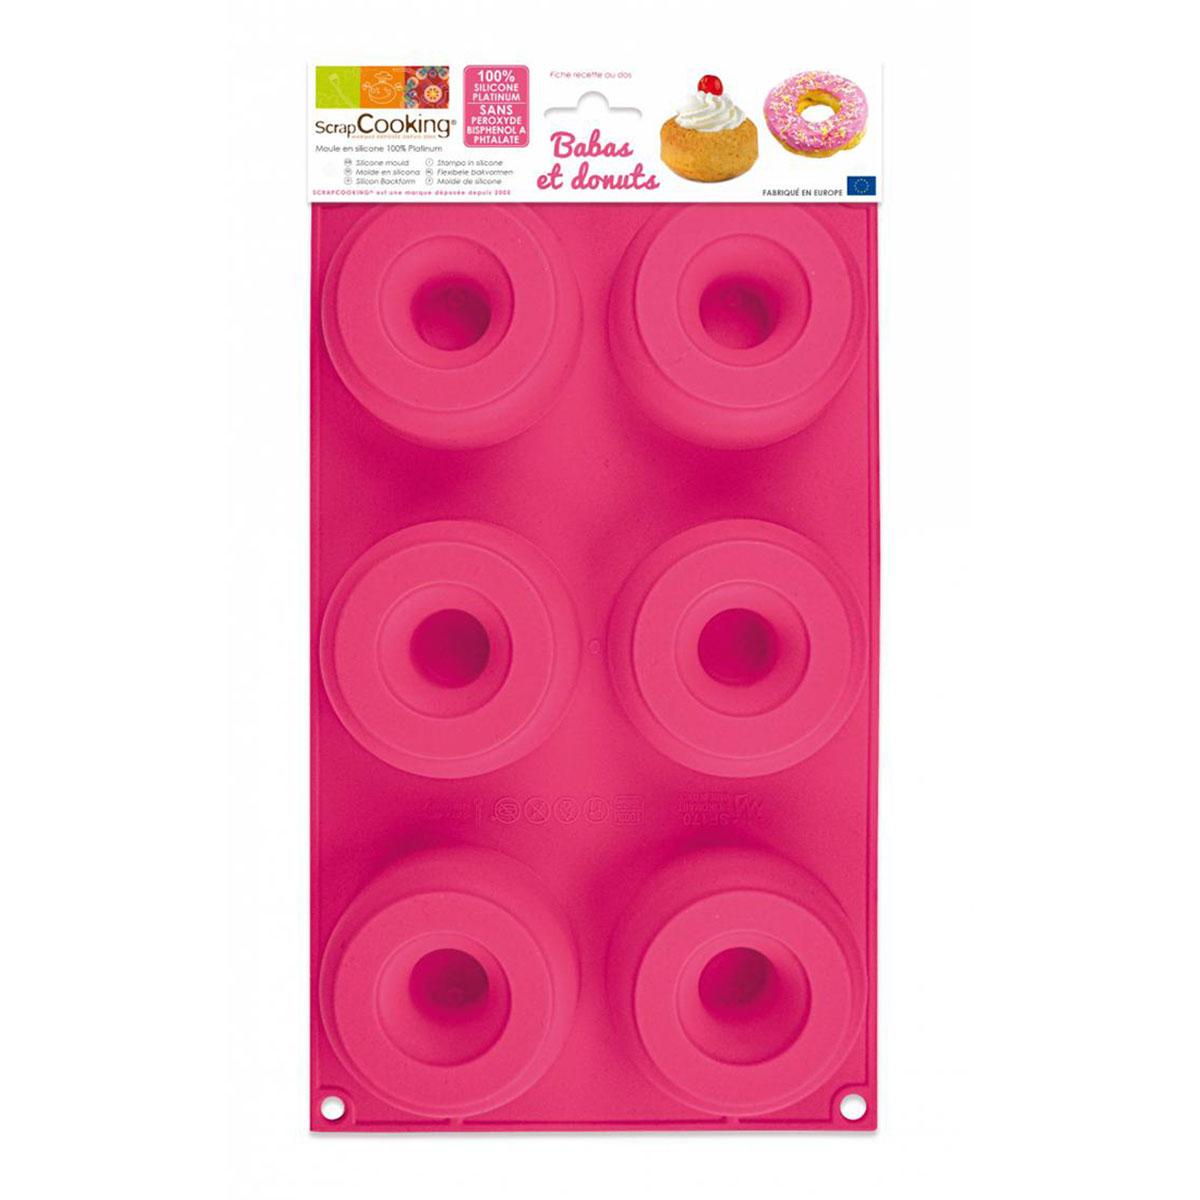 Image du produit Moule en silicone - Babas et Donuts - Scrapcooking